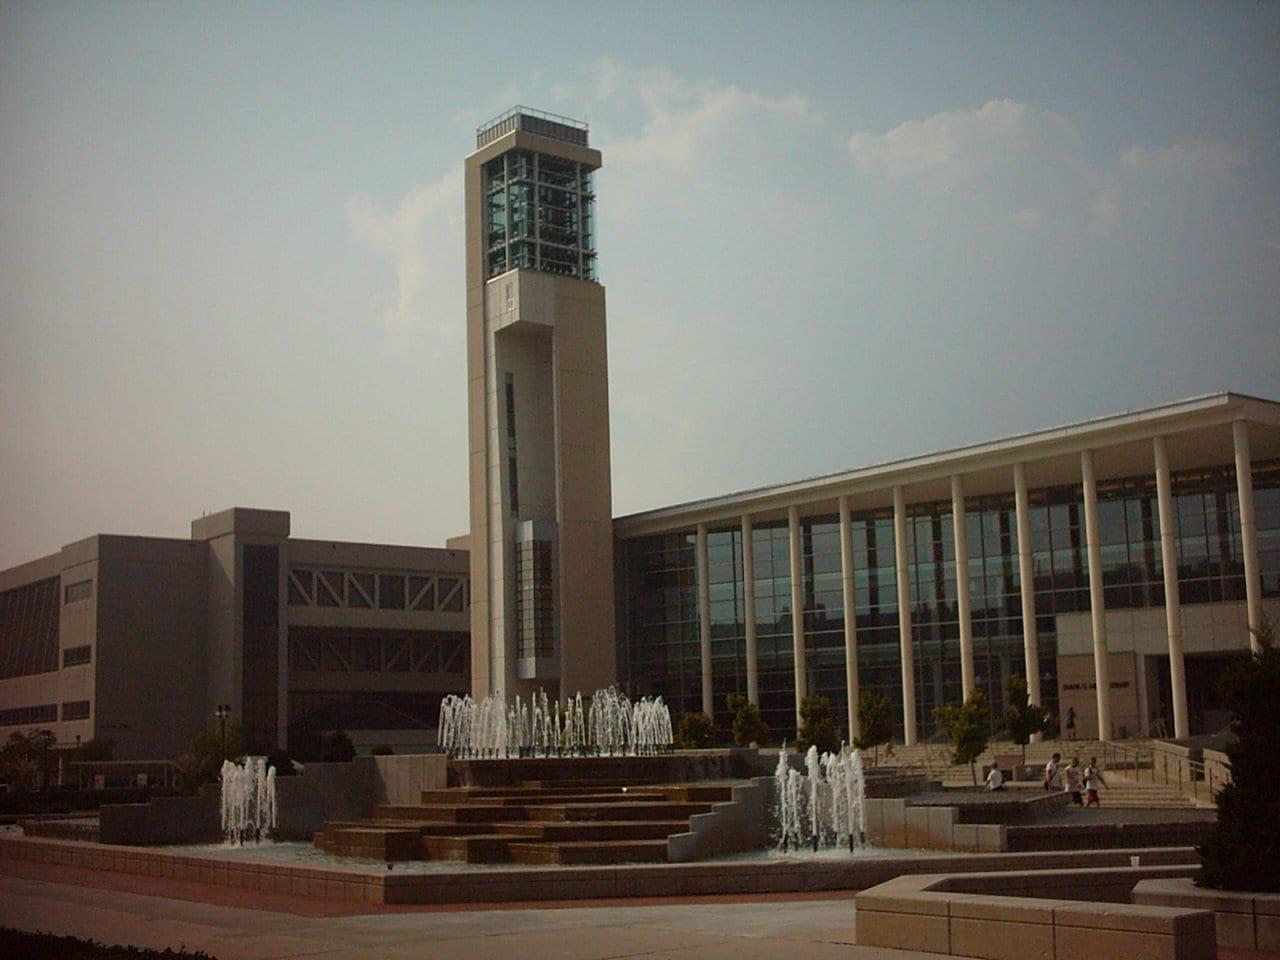 La biblioteca Meyer con fuentes en el campus de la MSU Springfield (Missouri) Estados Unidos